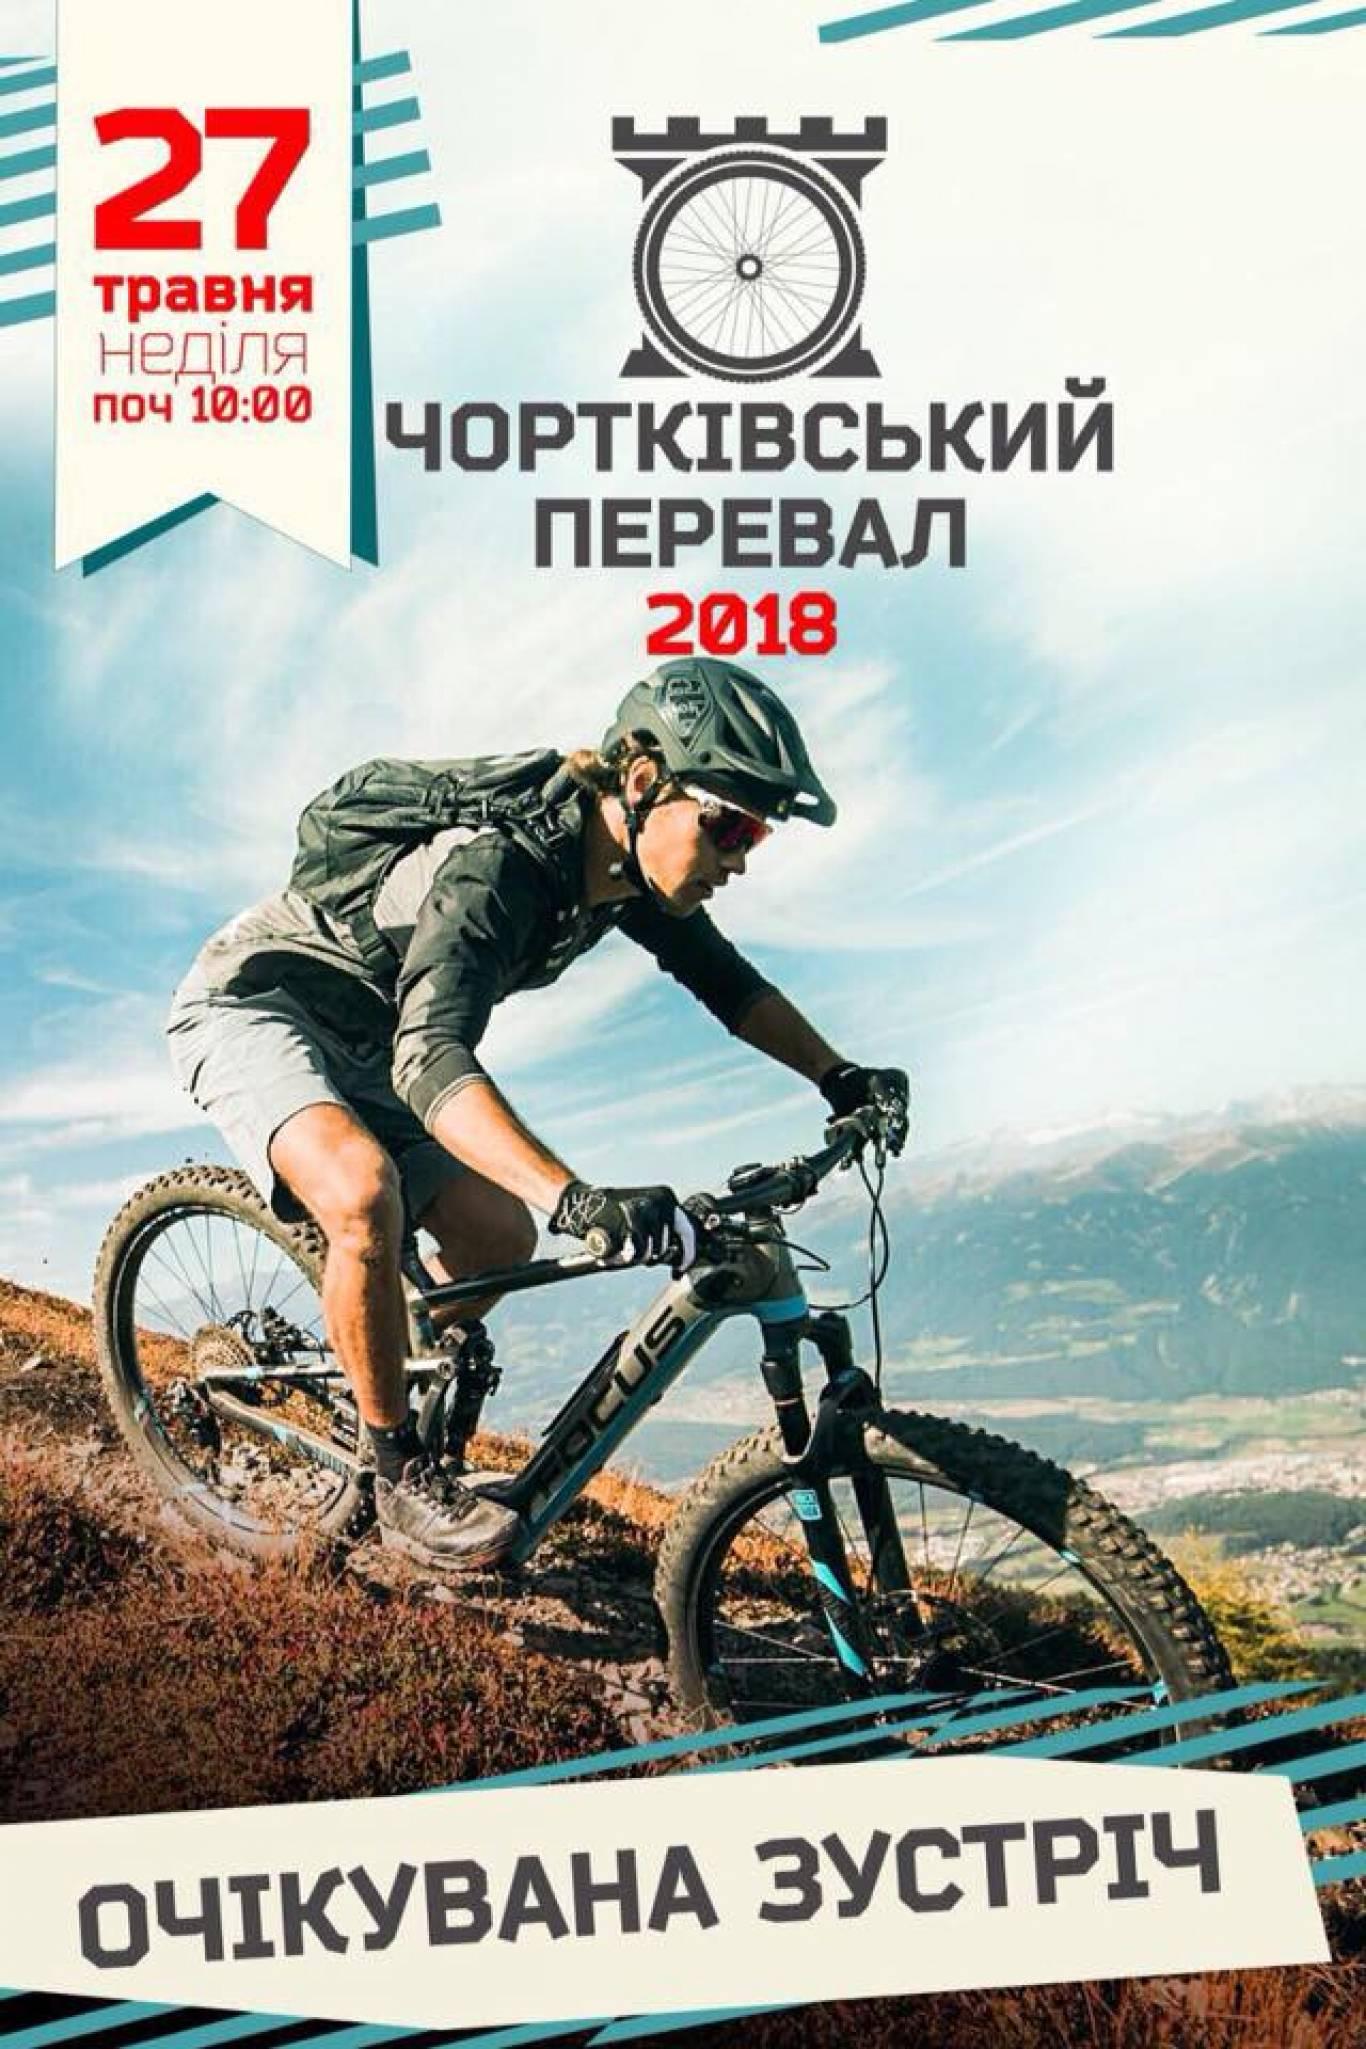 Чортківський перевал 2018